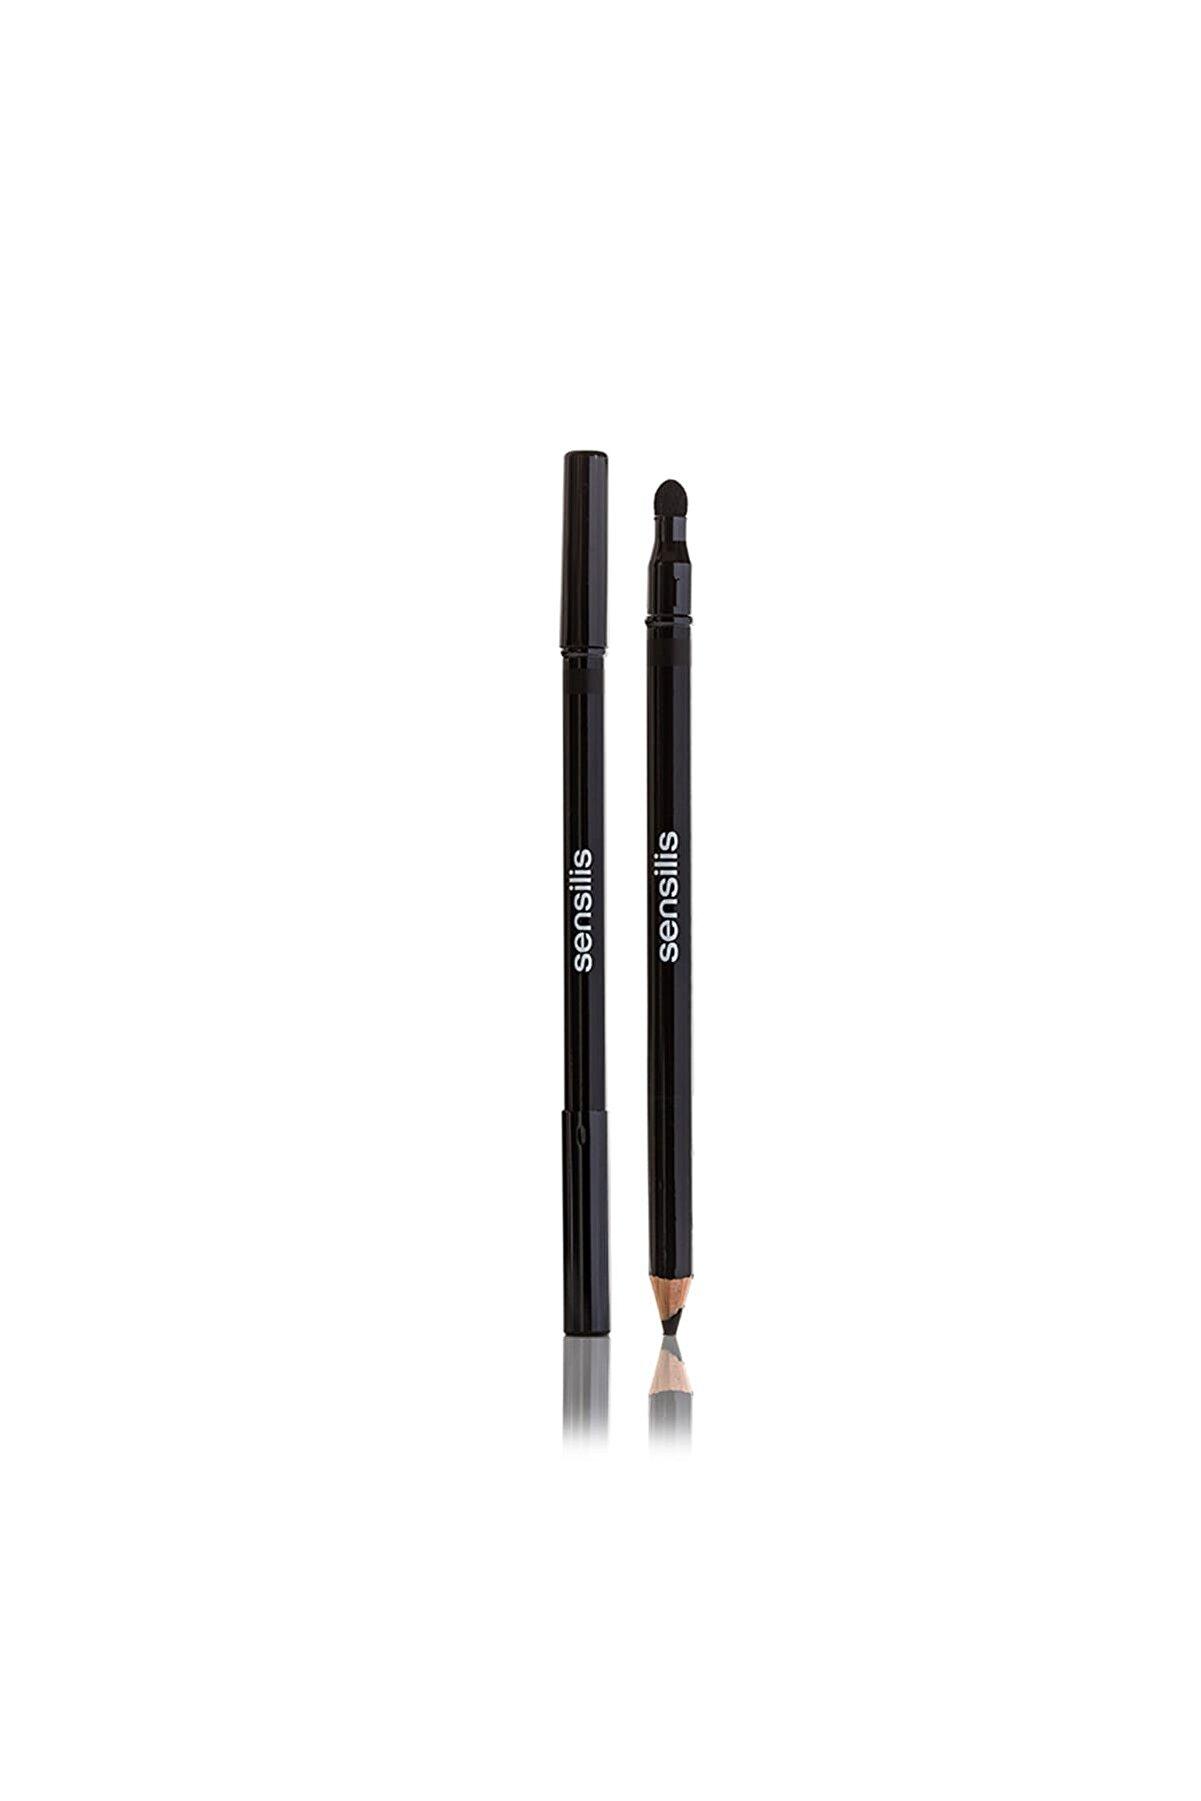 sensilis Göz Kalemi - Perfect Eyes Eye Pencil 01 Black 8428749322603